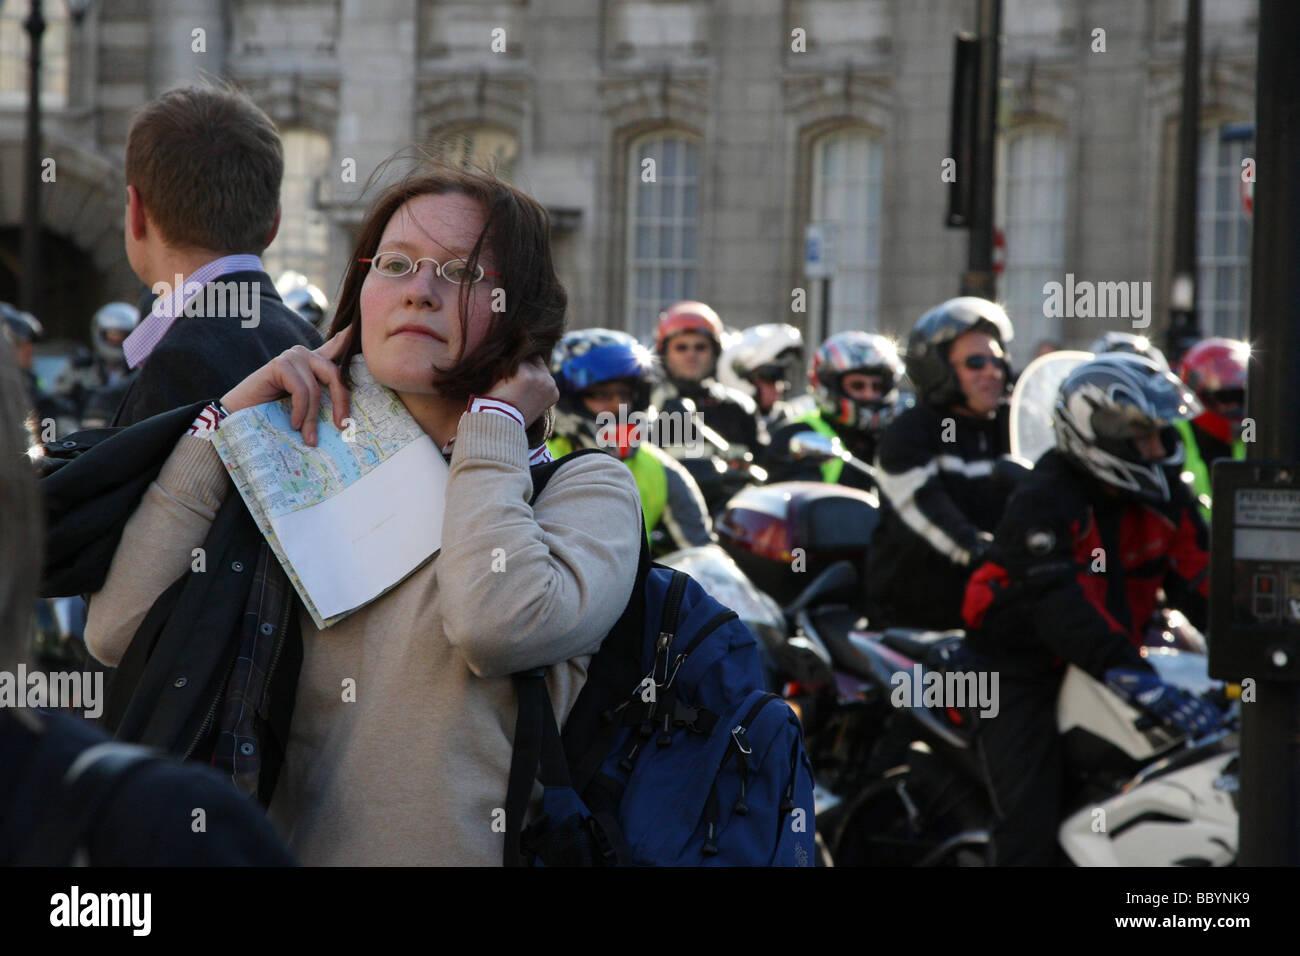 Blocs de femme ses oreilles du bruit des motos surrégimes. Cela a été pris le jour d'une protestation Photo Stock